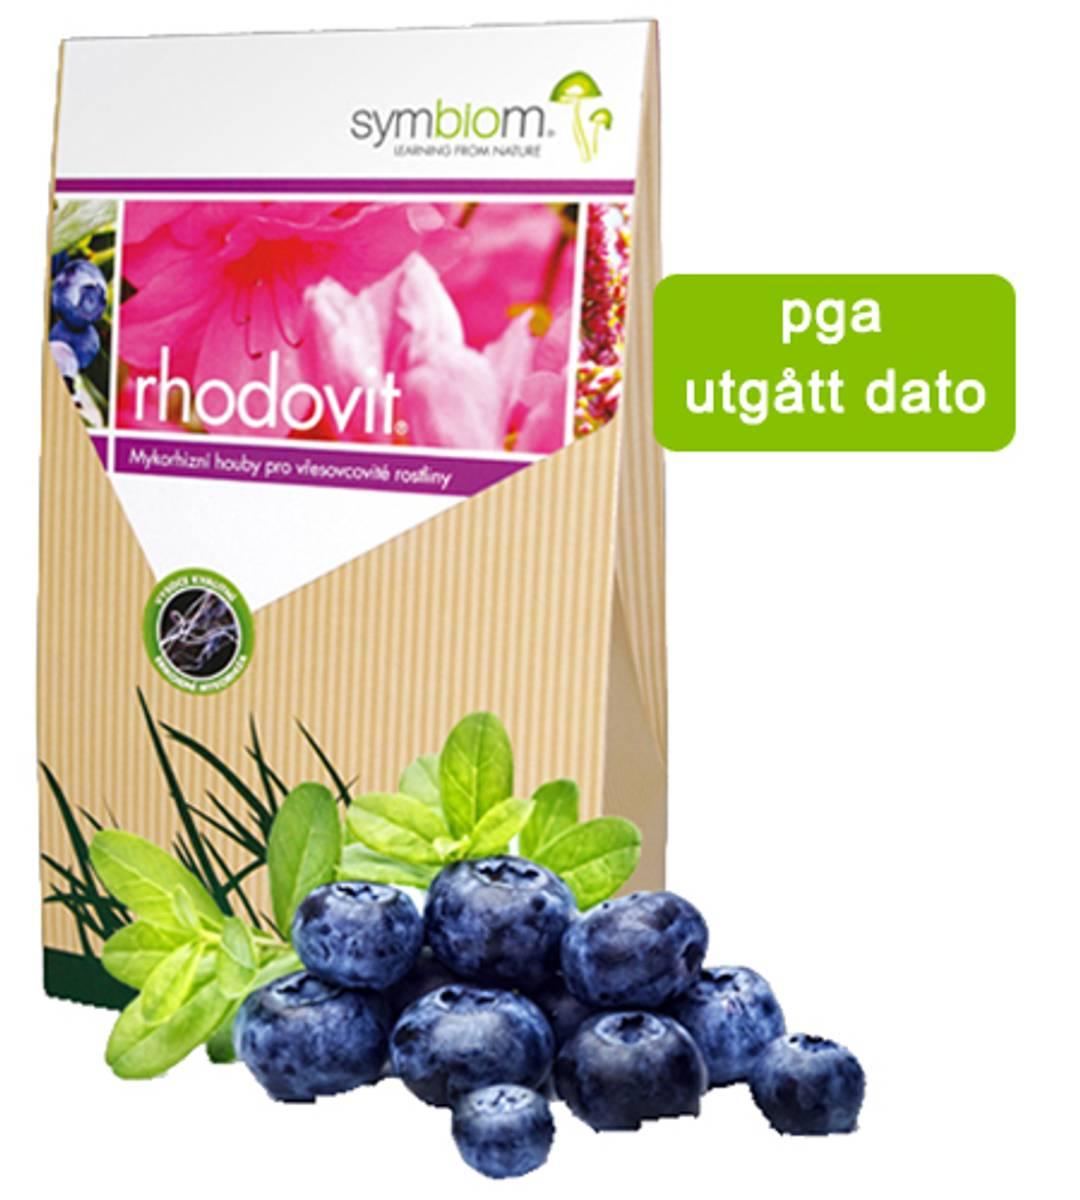 Rhodovit-Ericoid mykorrhiza